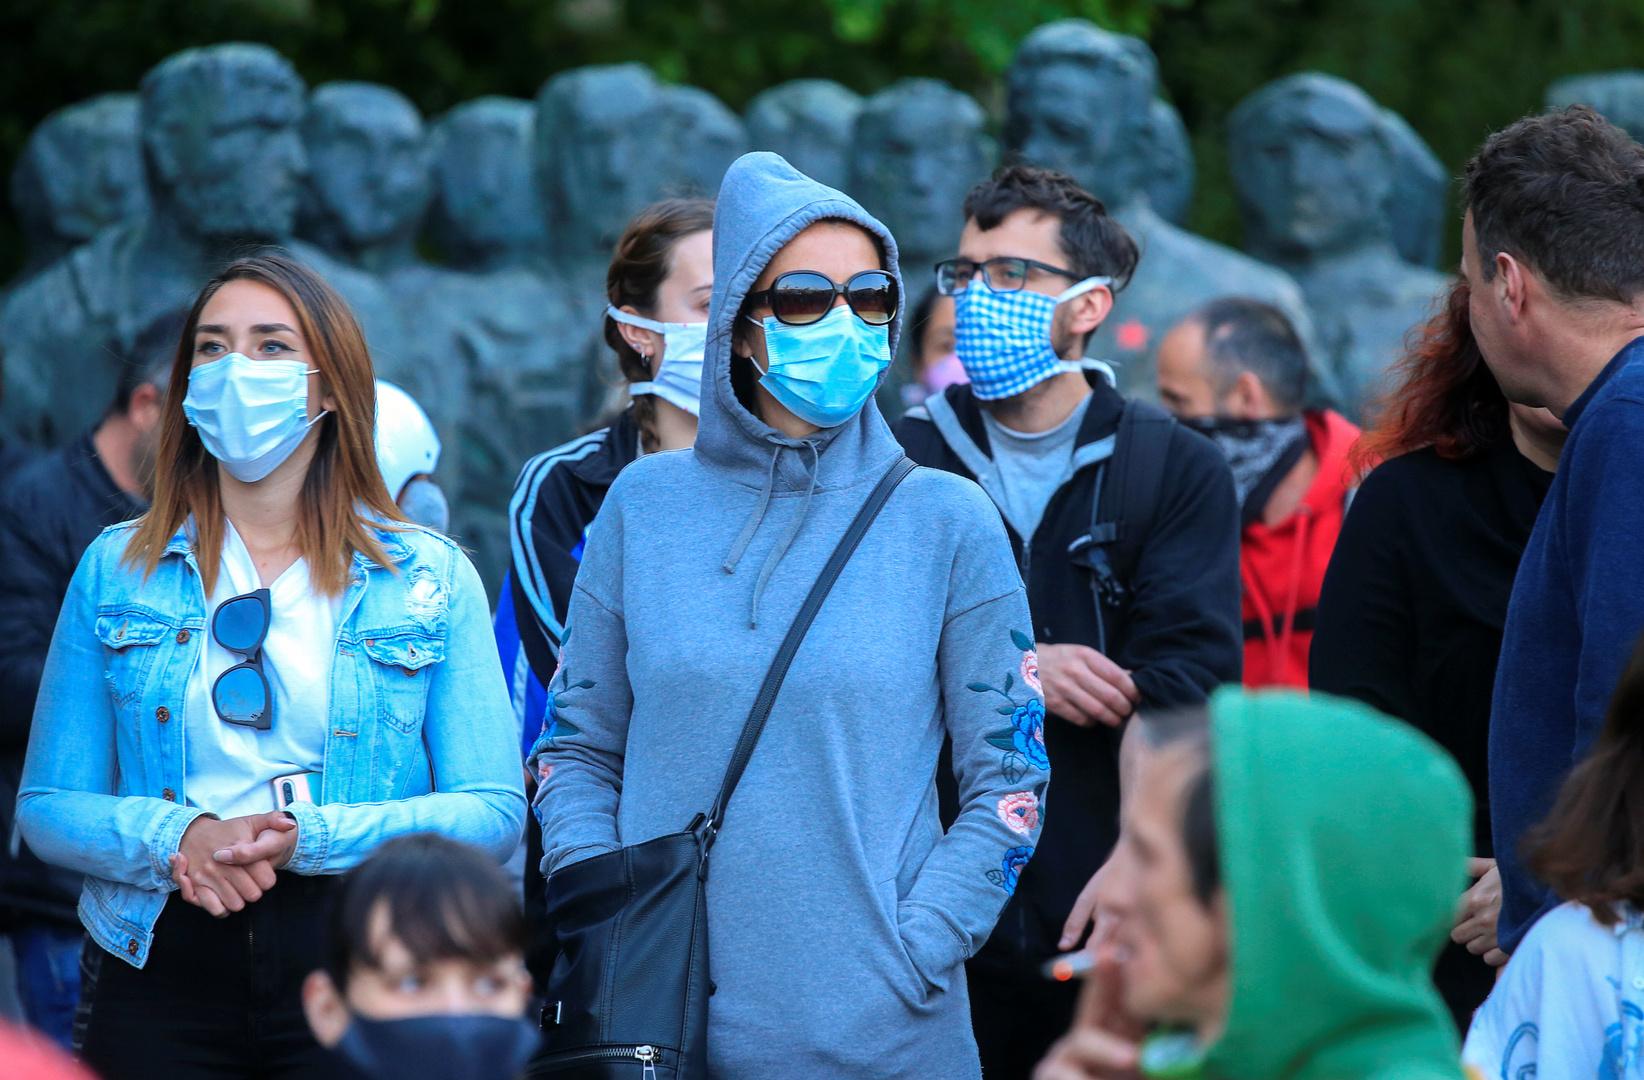 سلوفينيا تعلن نهاية وباء كورونا في البلاد